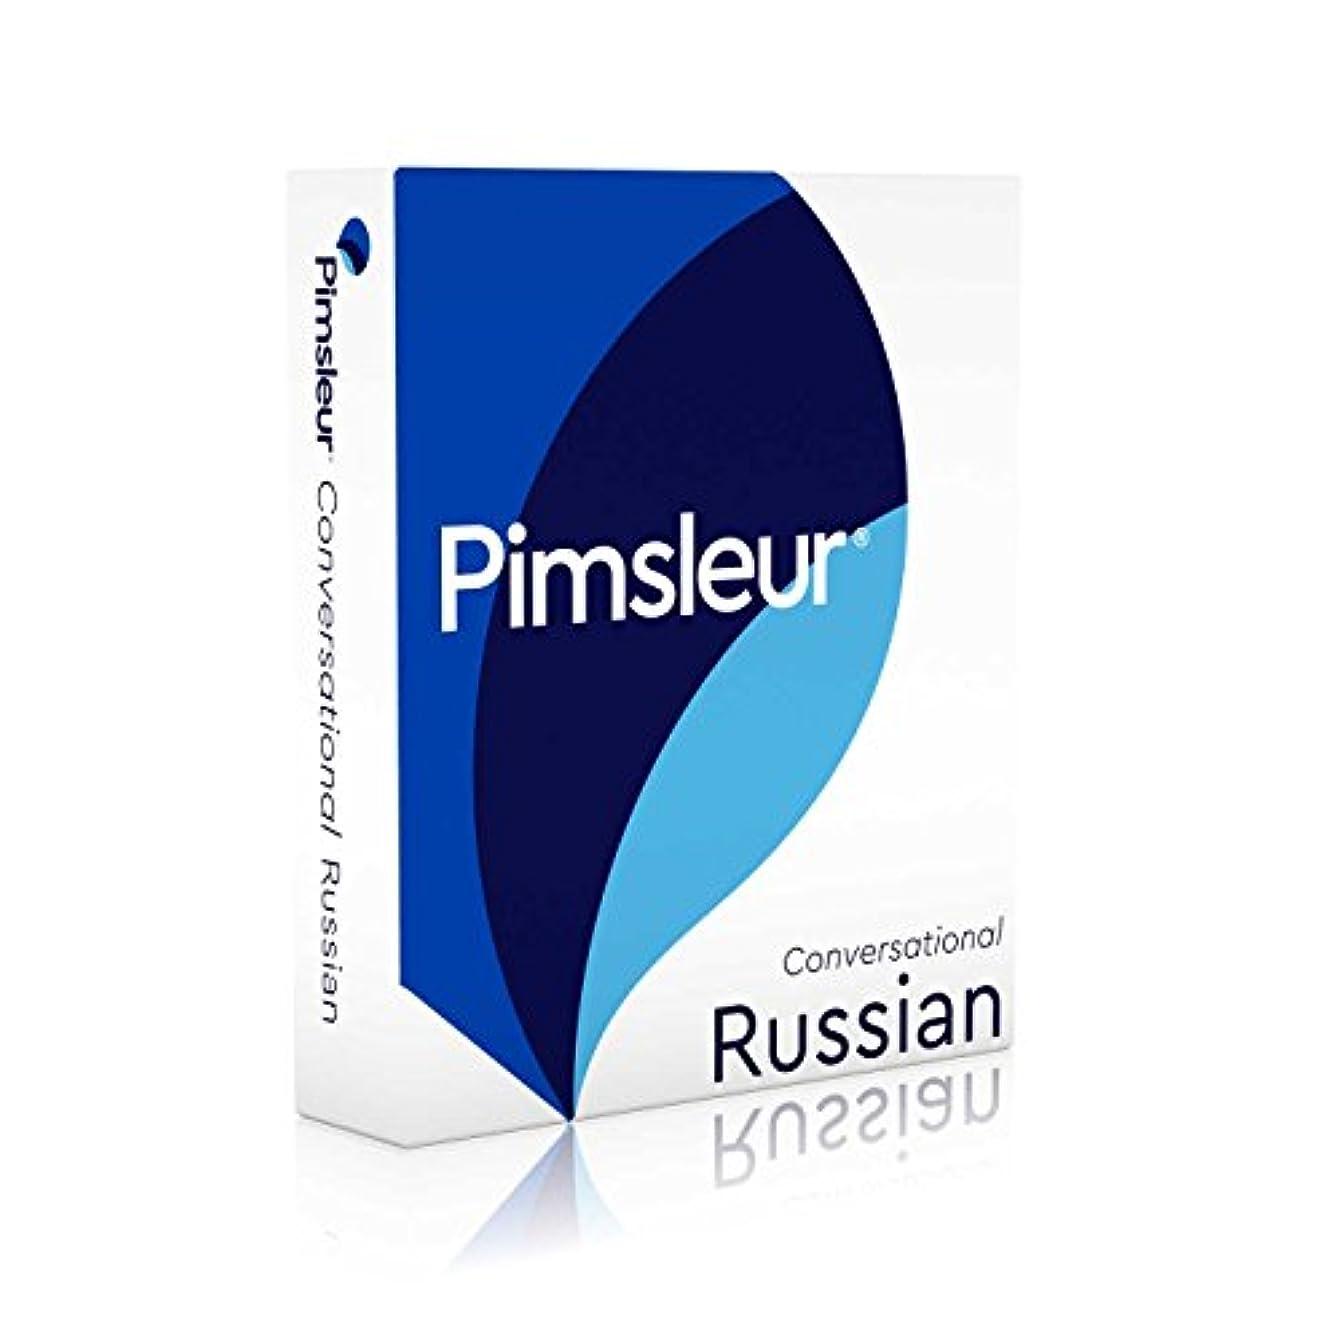 調停者テメリティやさしいPimsleur Russian Conversational Course - Level 1 Lessons 1-16 CD: Learn to Speak and Understand Russian with Pimsleur Language Programs (1)